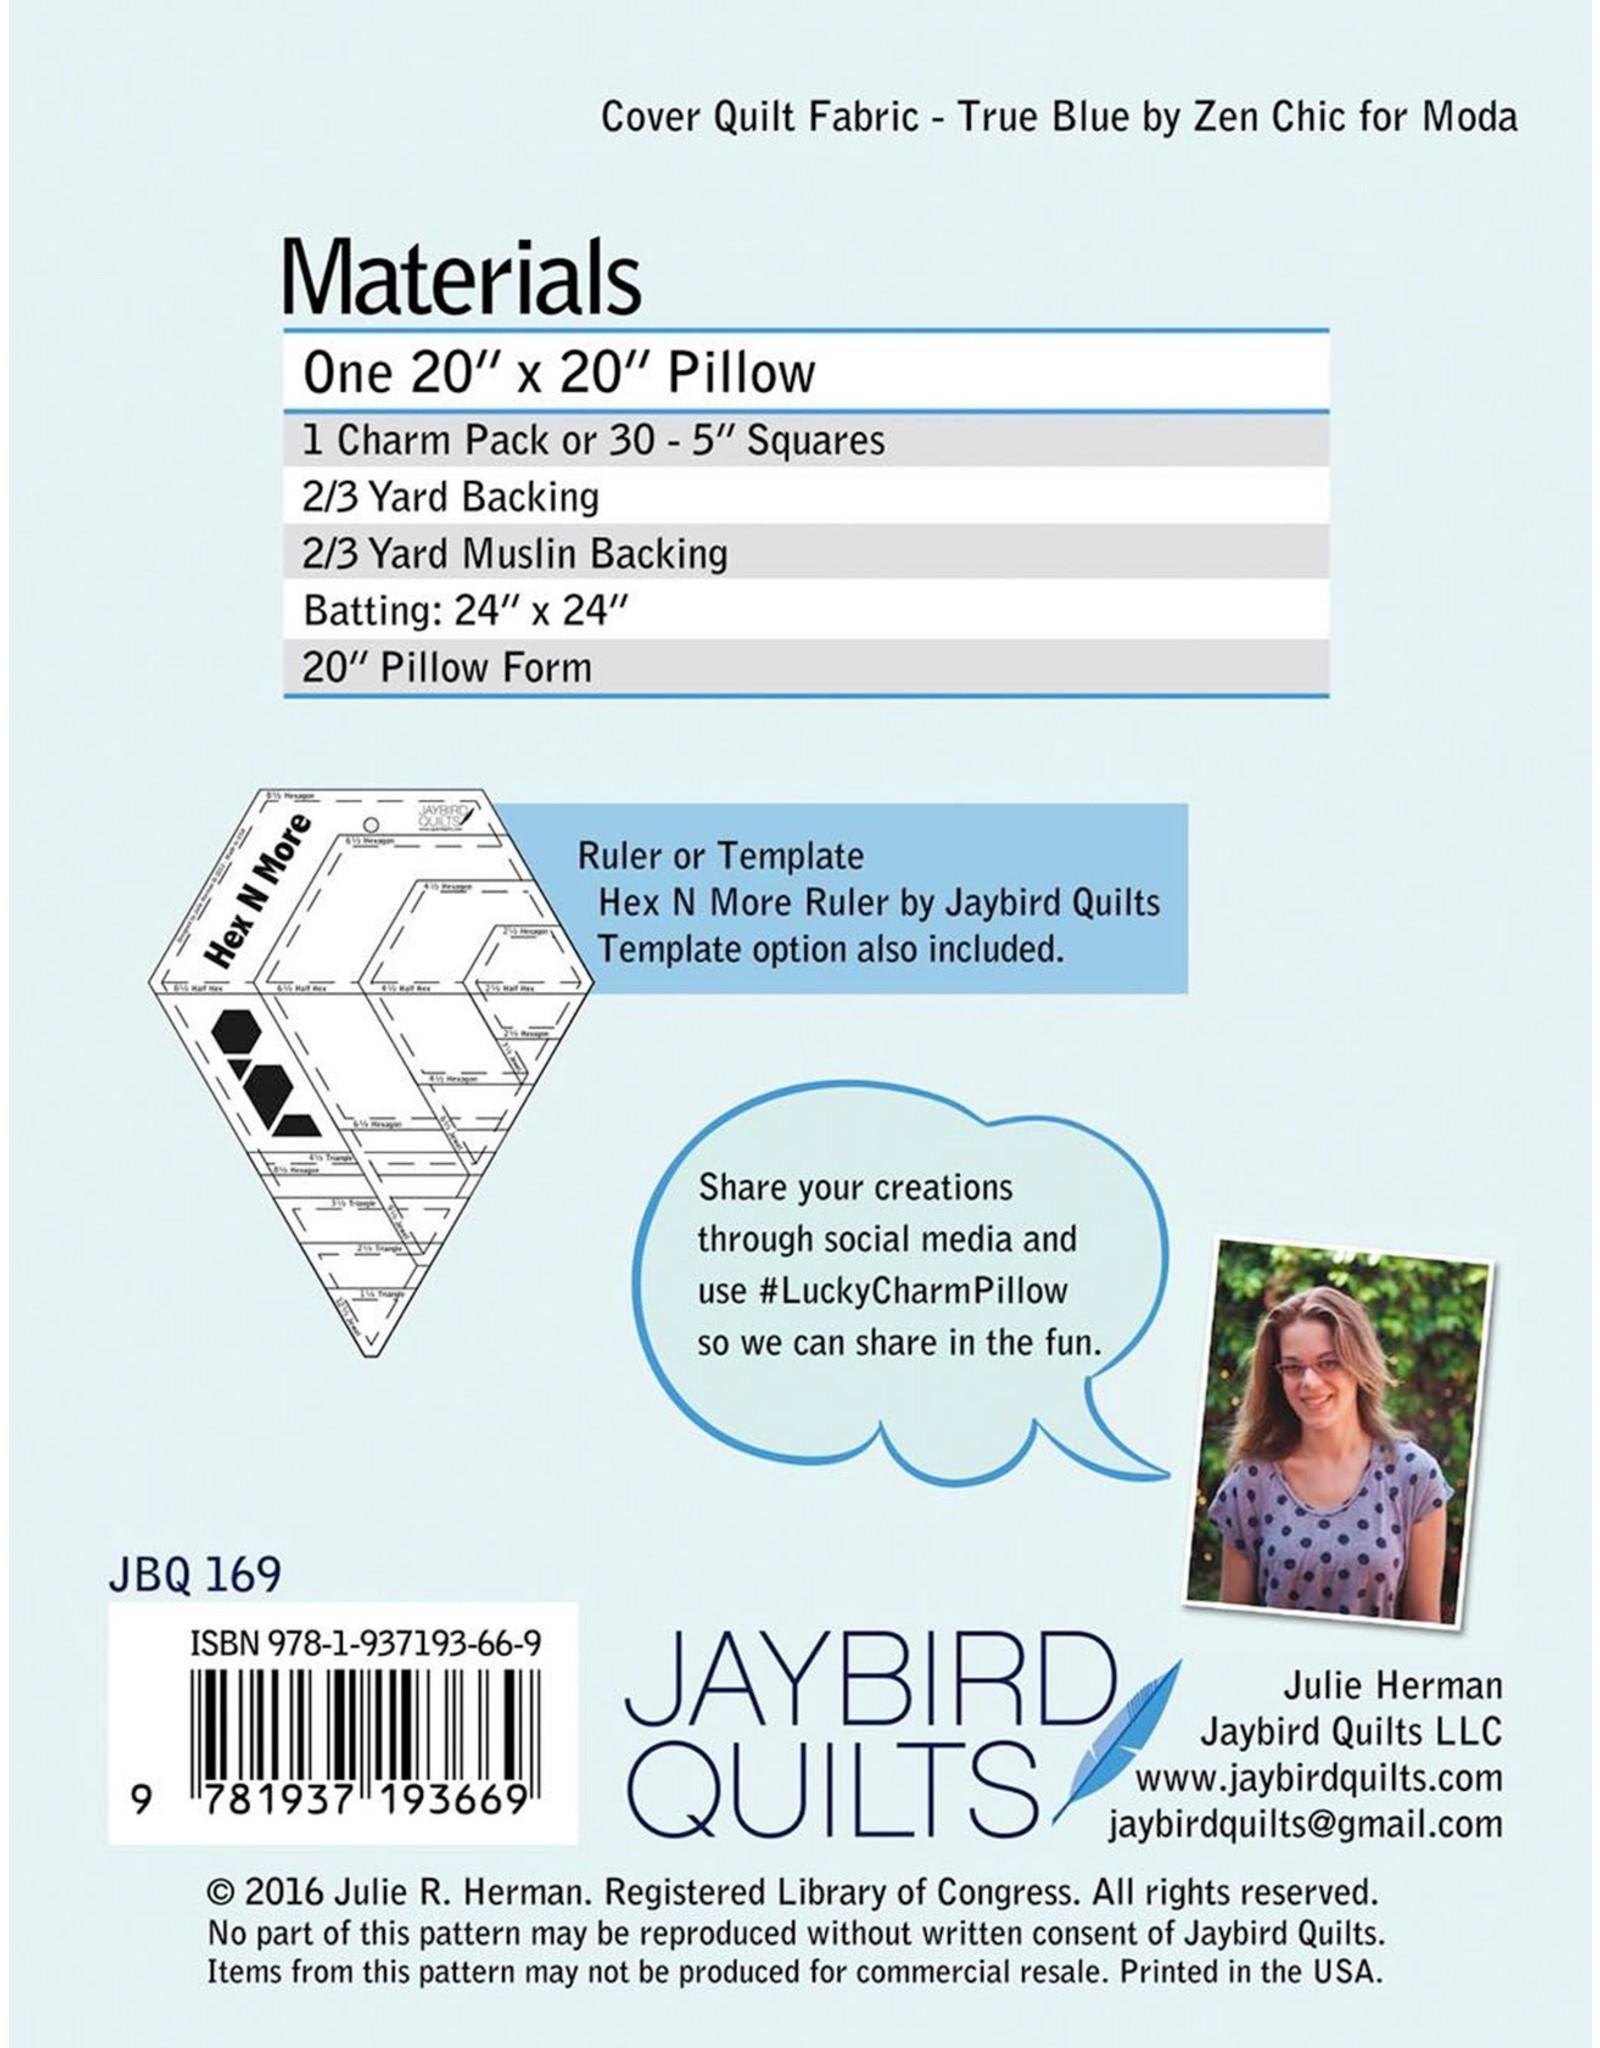 Jaybird Quilts Jaybird Quilts - Lucky Charm